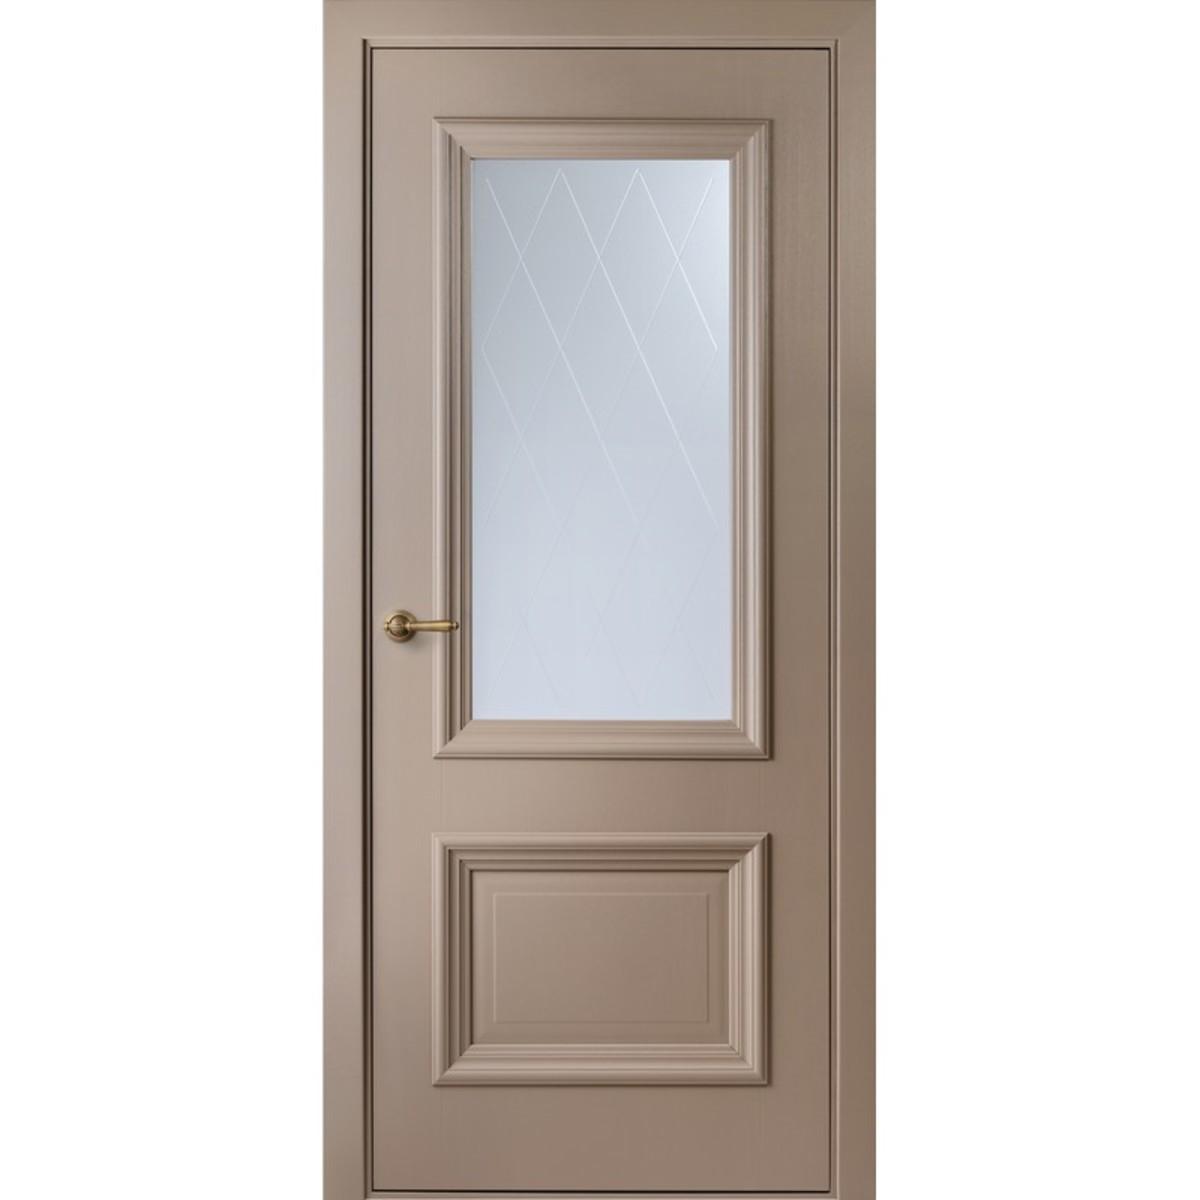 Дверь Межкомнатная Остеклённая Франческа 80x200 Эвопро Капучино